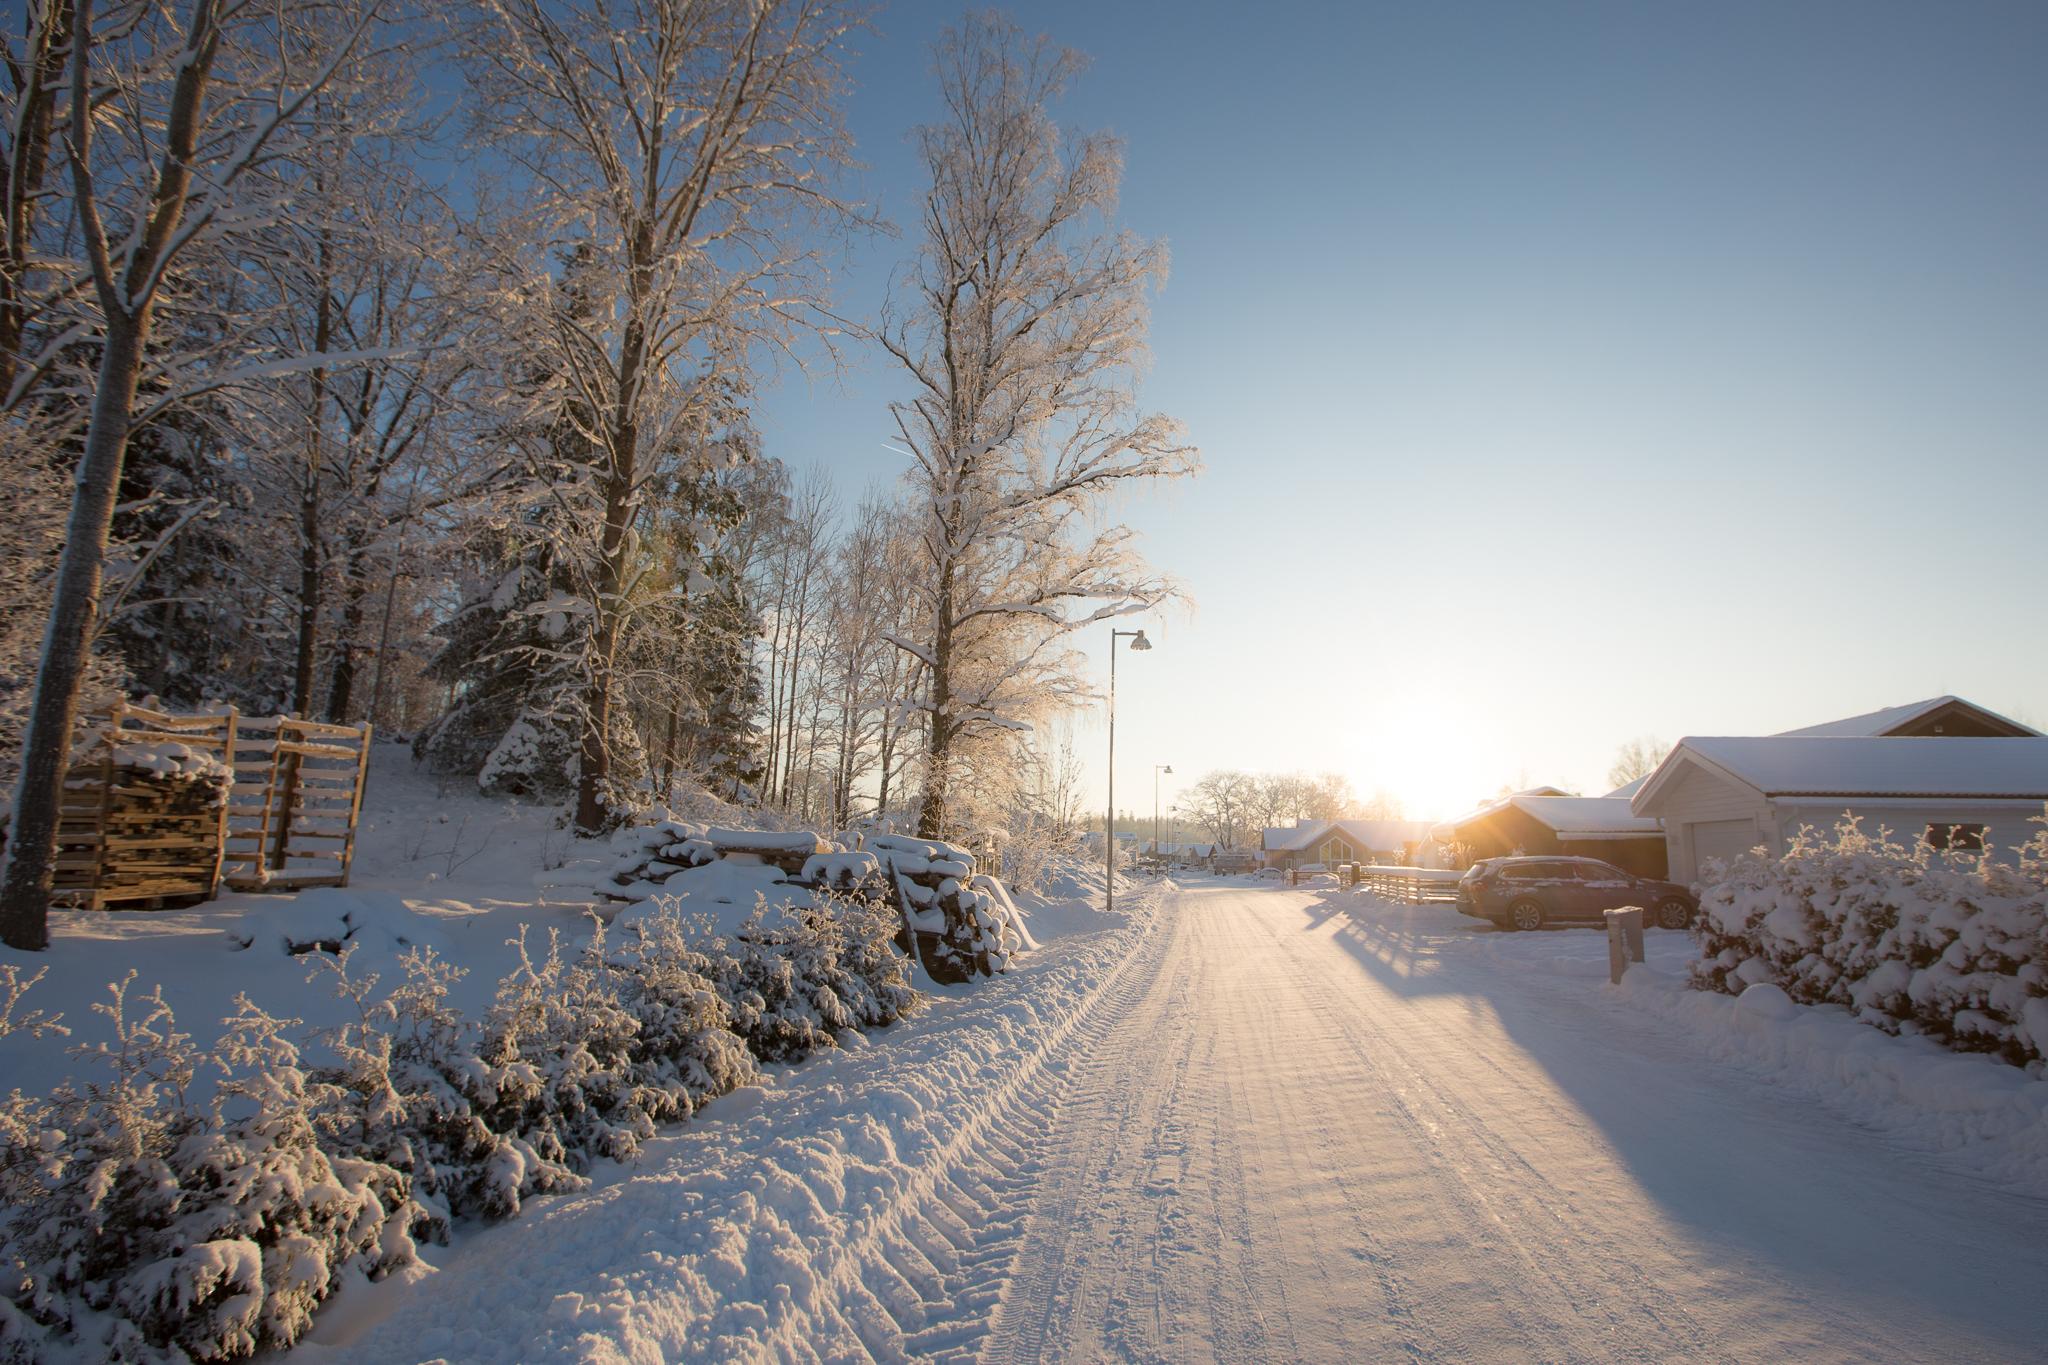 Vackert med snön. Tror vi kommer trivas bra här på Stensborgsvägen när vi snart äntligen kan flytta in. Slutbesiktning och slutsamråd nästa vecka!